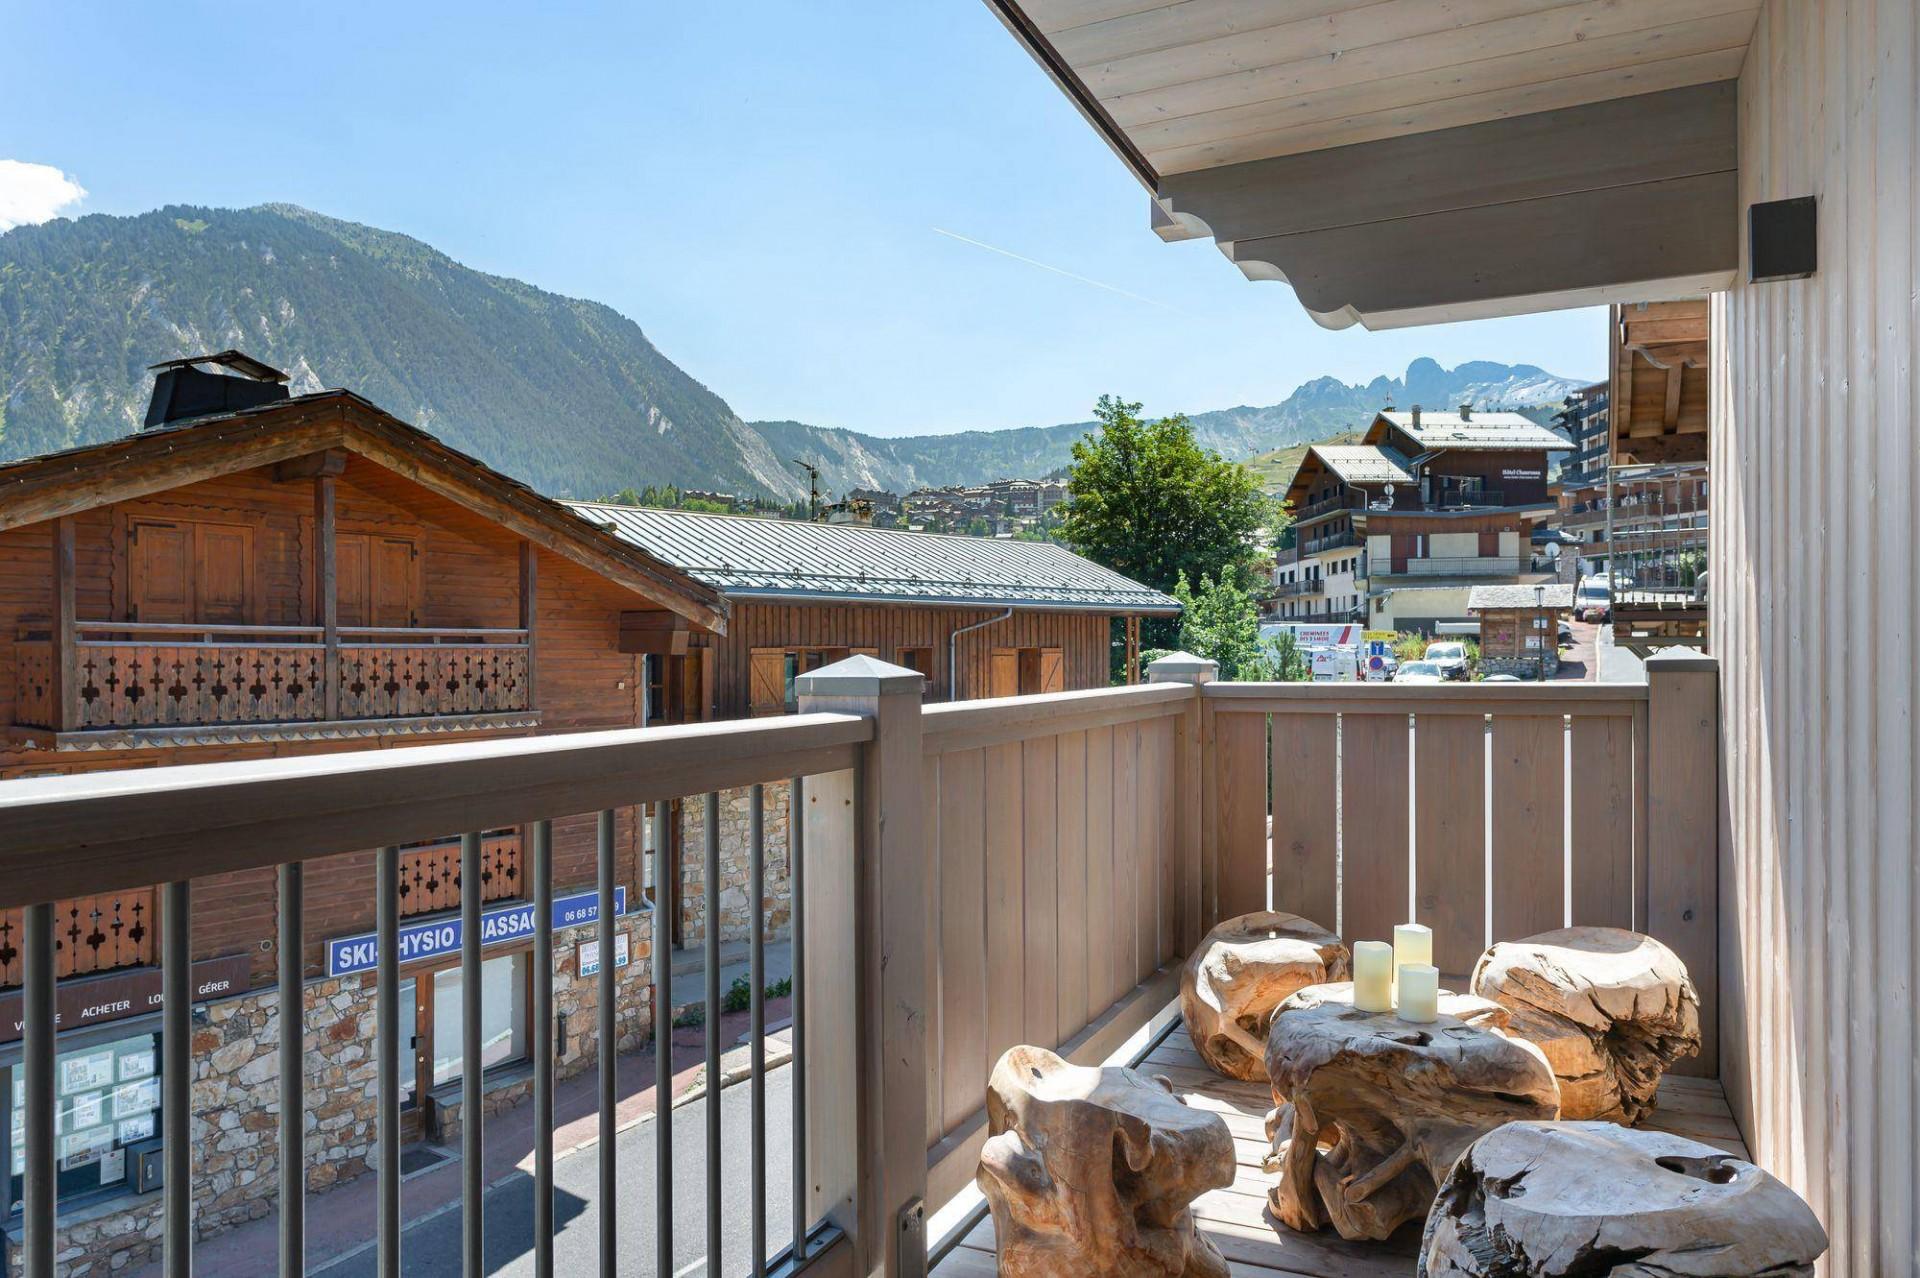 Courchevel 1550 Location Appartement Luxe Telimite Balcon 4